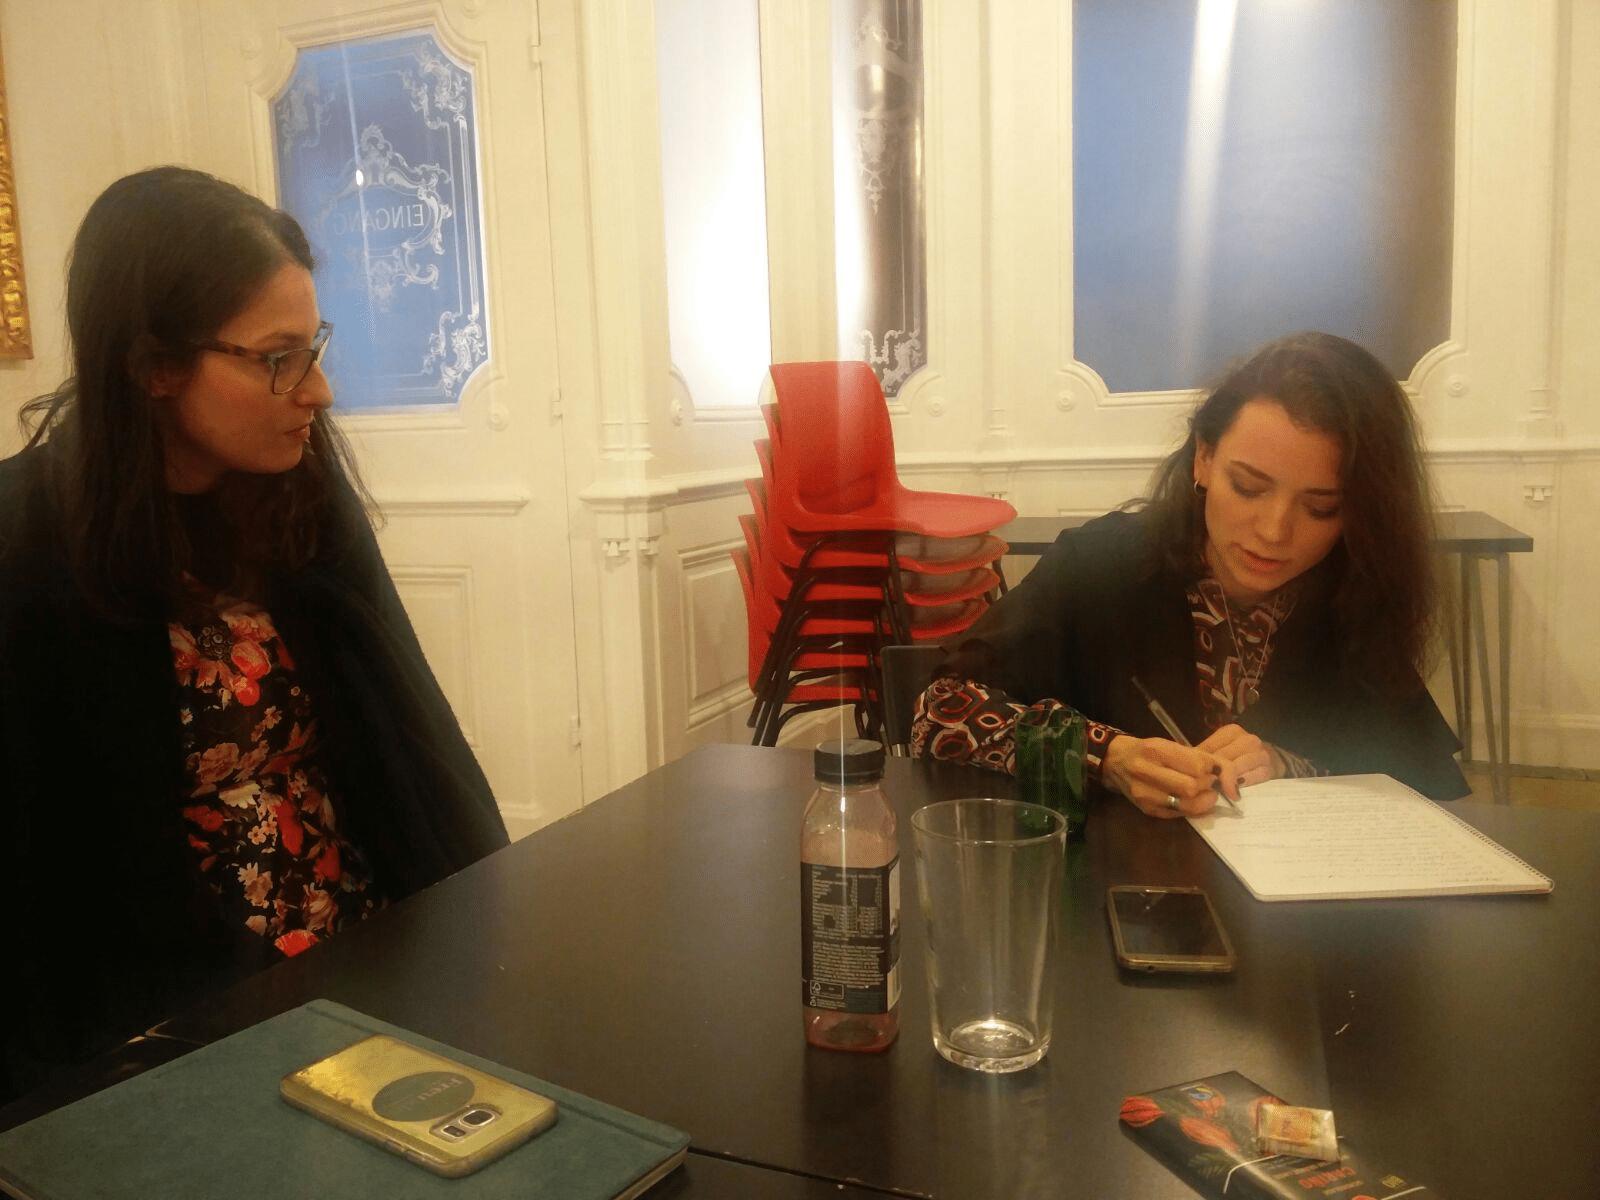 Fremde werden Freunde als Teil sozialwissenschaftlicher Forschung